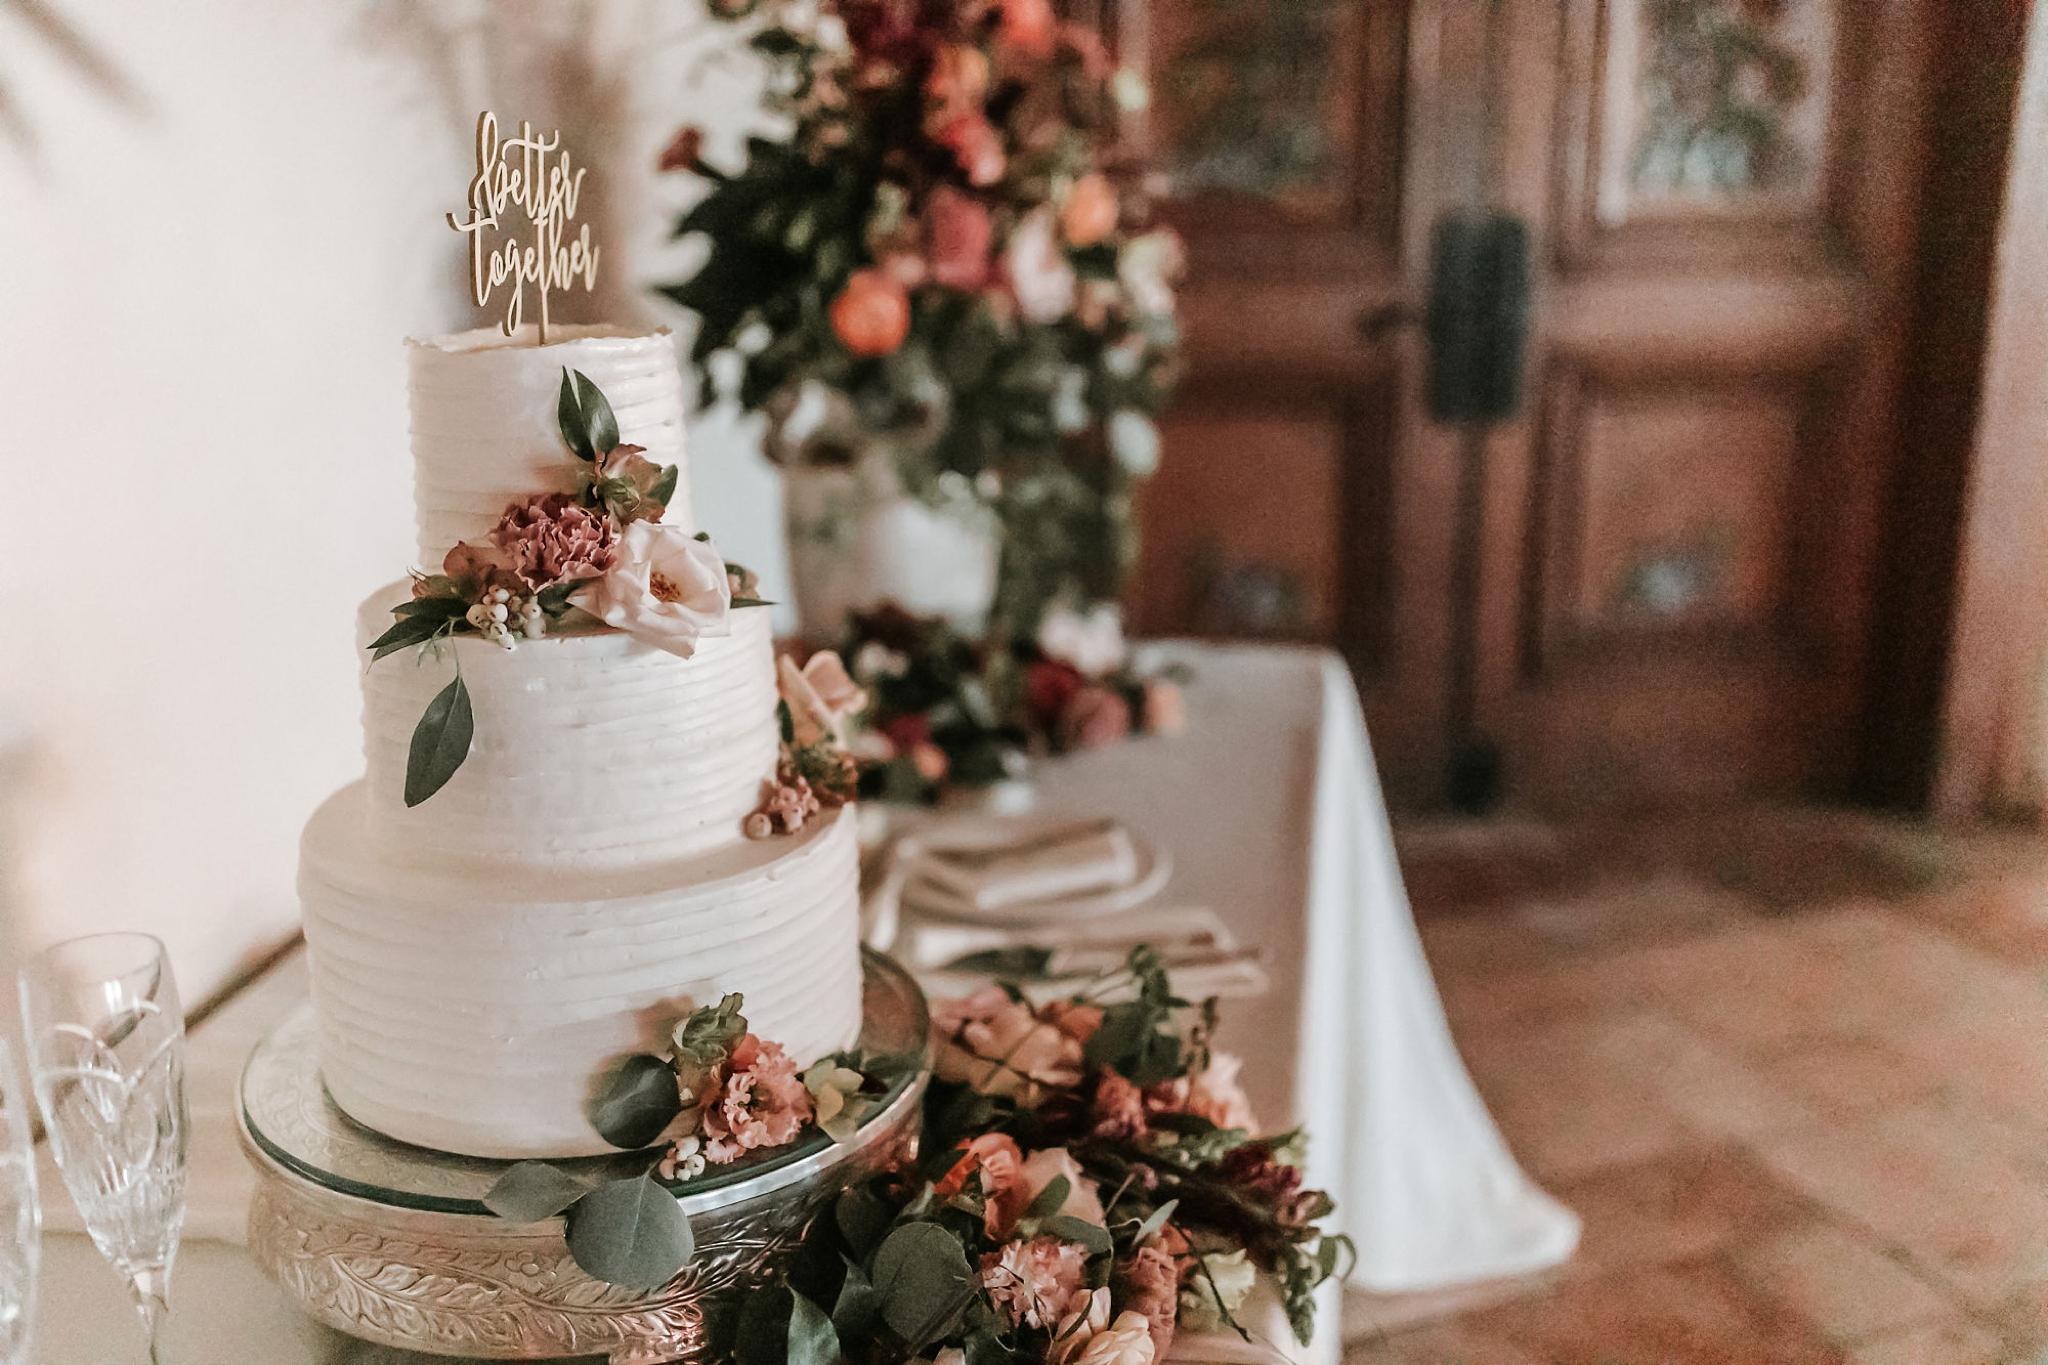 Alicia+lucia+photography+-+albuquerque+wedding+photographer+-+santa+fe+wedding+photography+-+new+mexico+wedding+photographer+-+wedding+reception+-+wedding+cake+-+wedding+sweets+-+maggies+cakes_0015.jpg